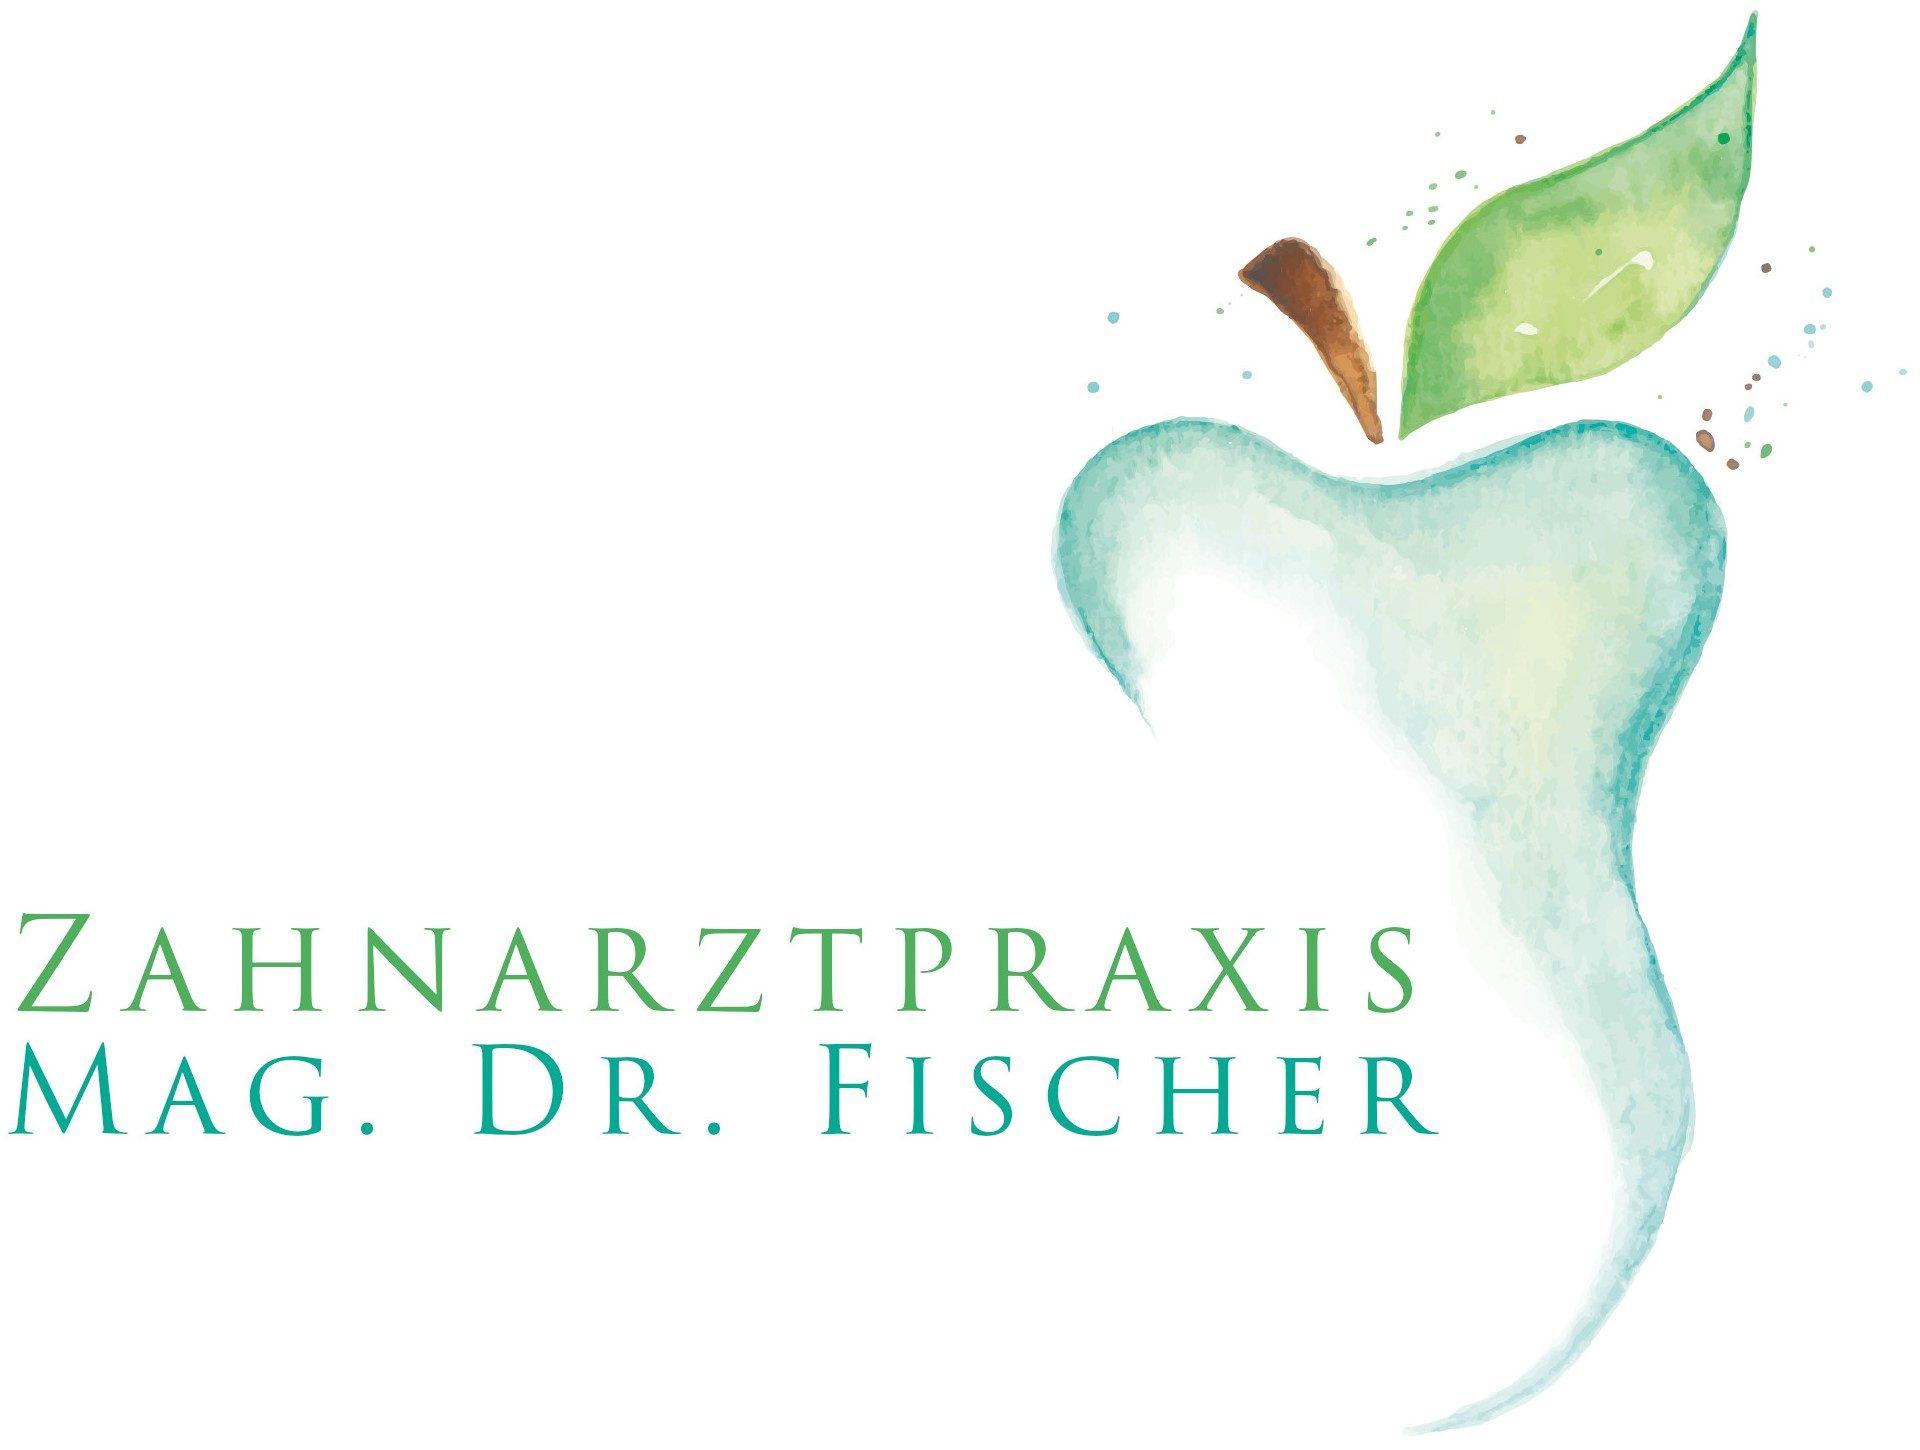 Zahnarztpraxis Mag. Dr. Bernadette Fischer